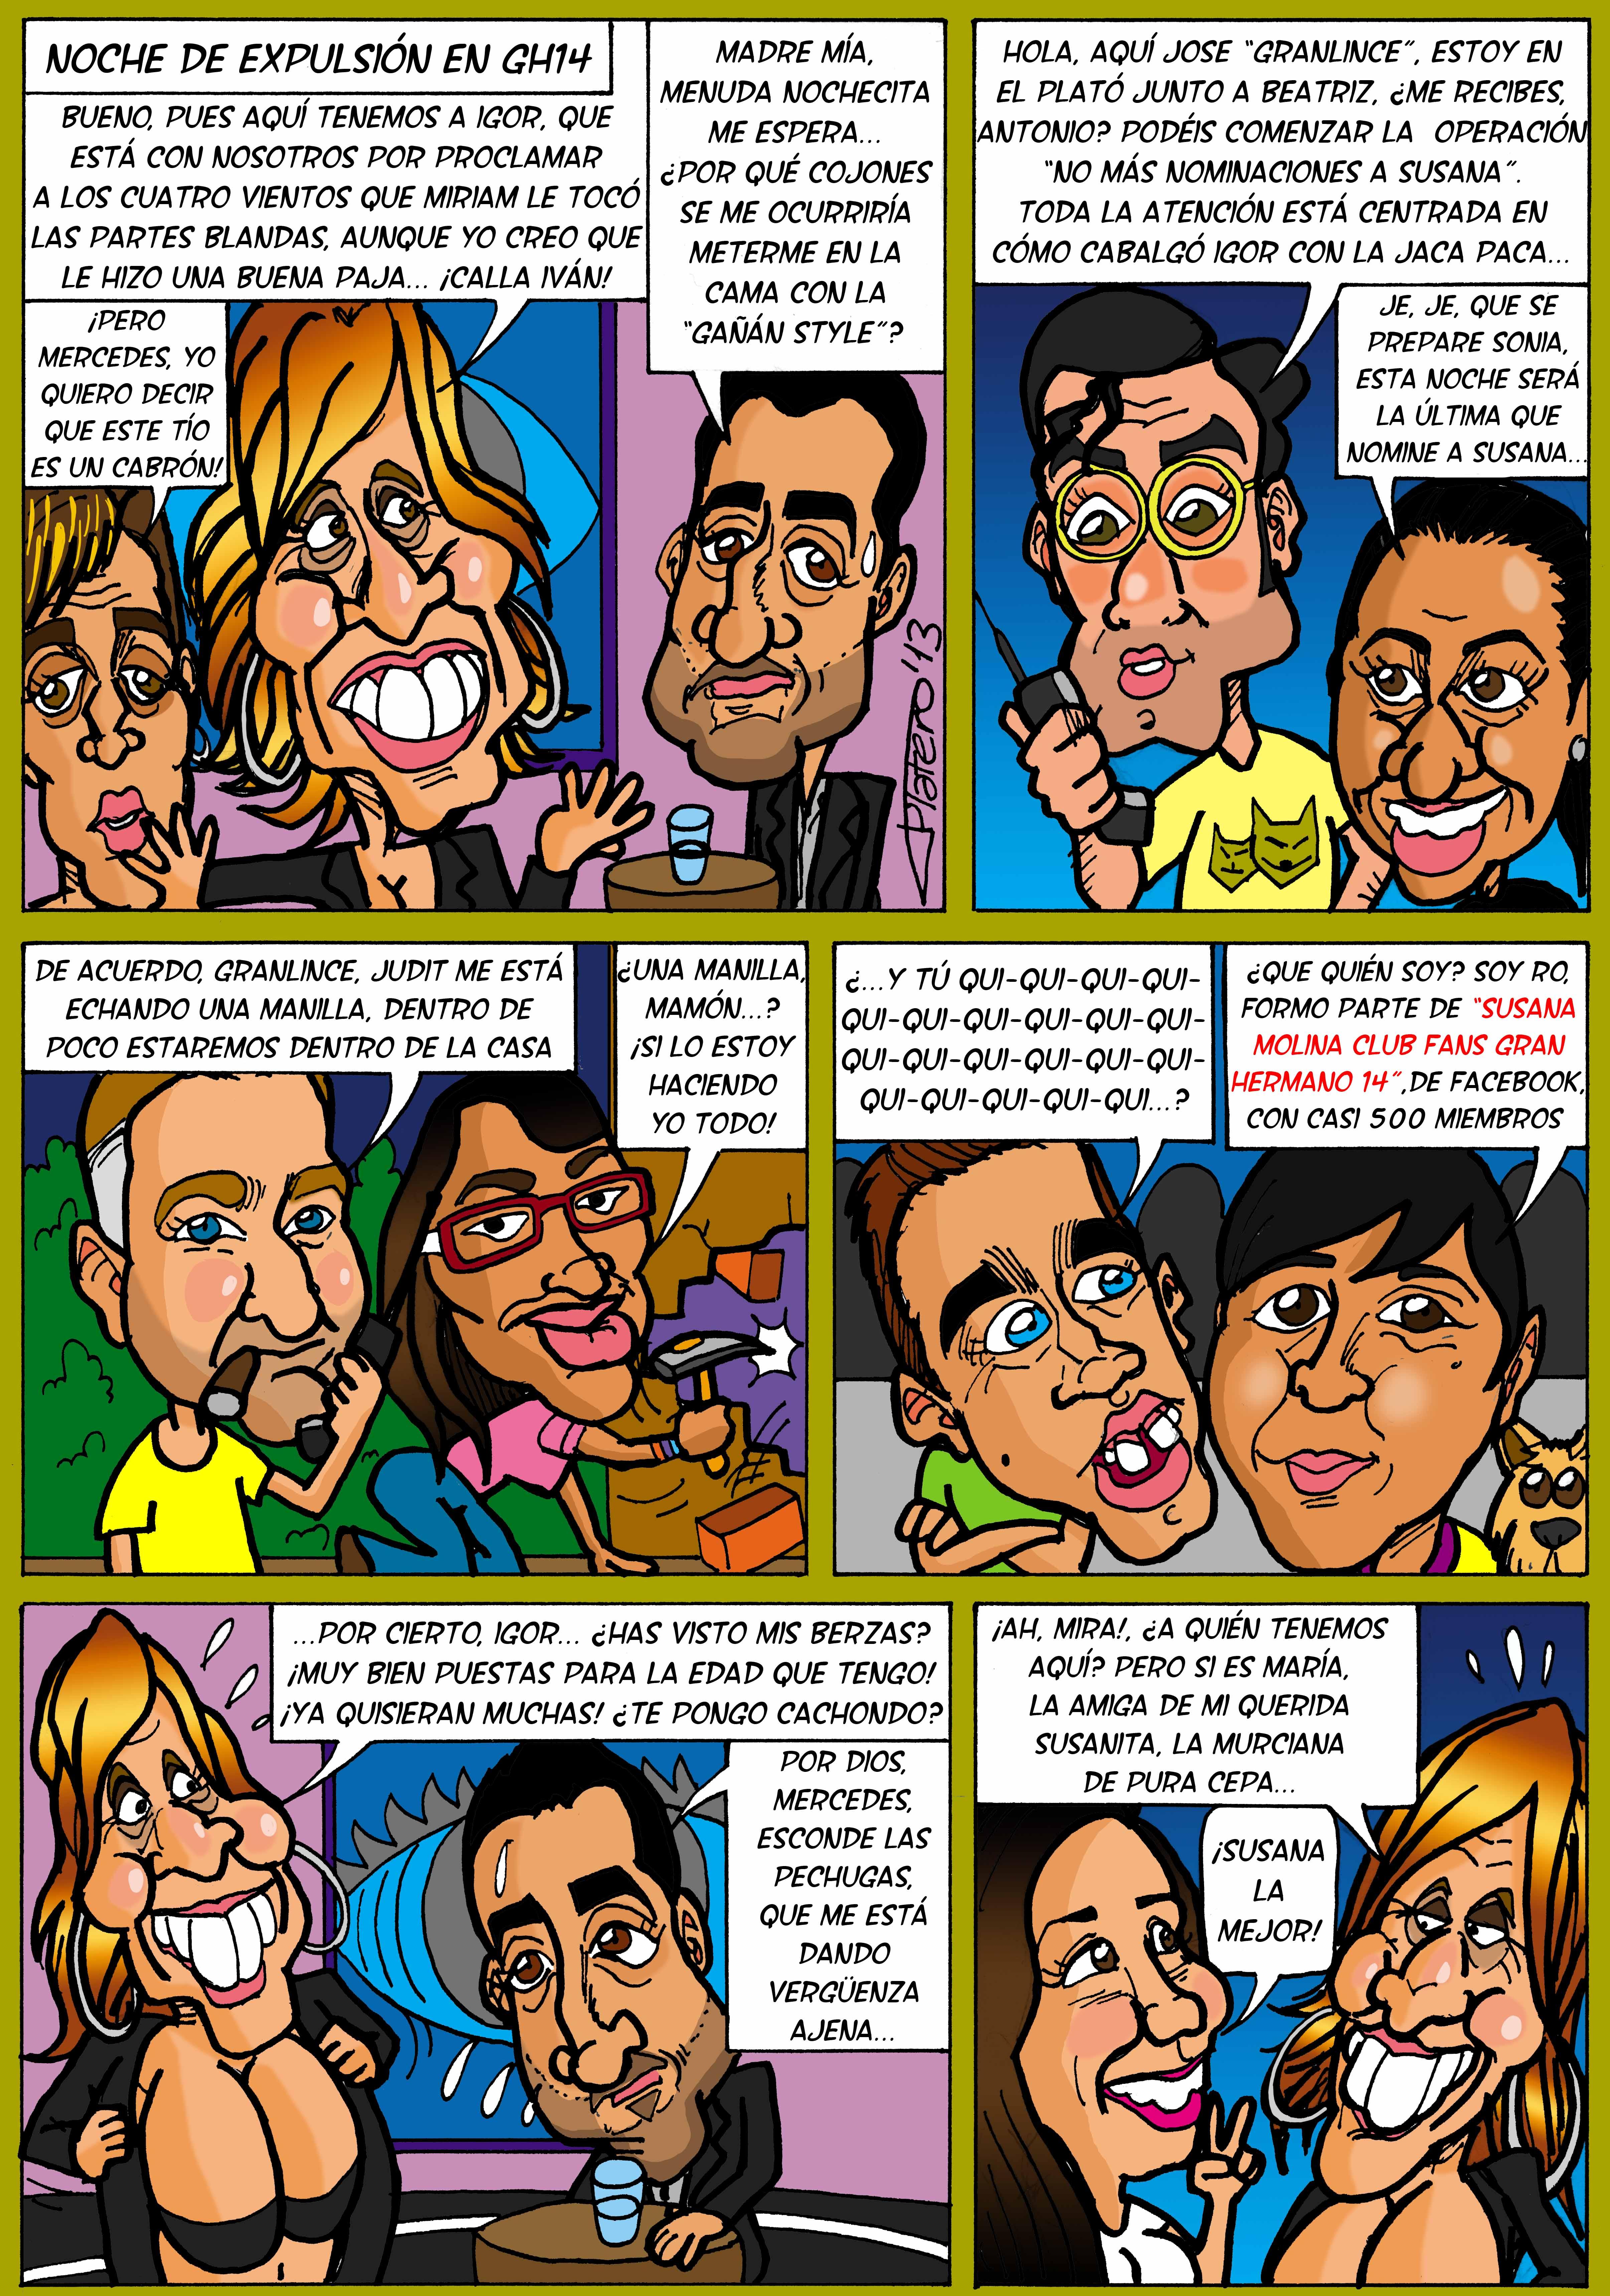 03_cómic1_grupo susana_gran hermano14_elmundodeplatero_josé luis platero.jpg